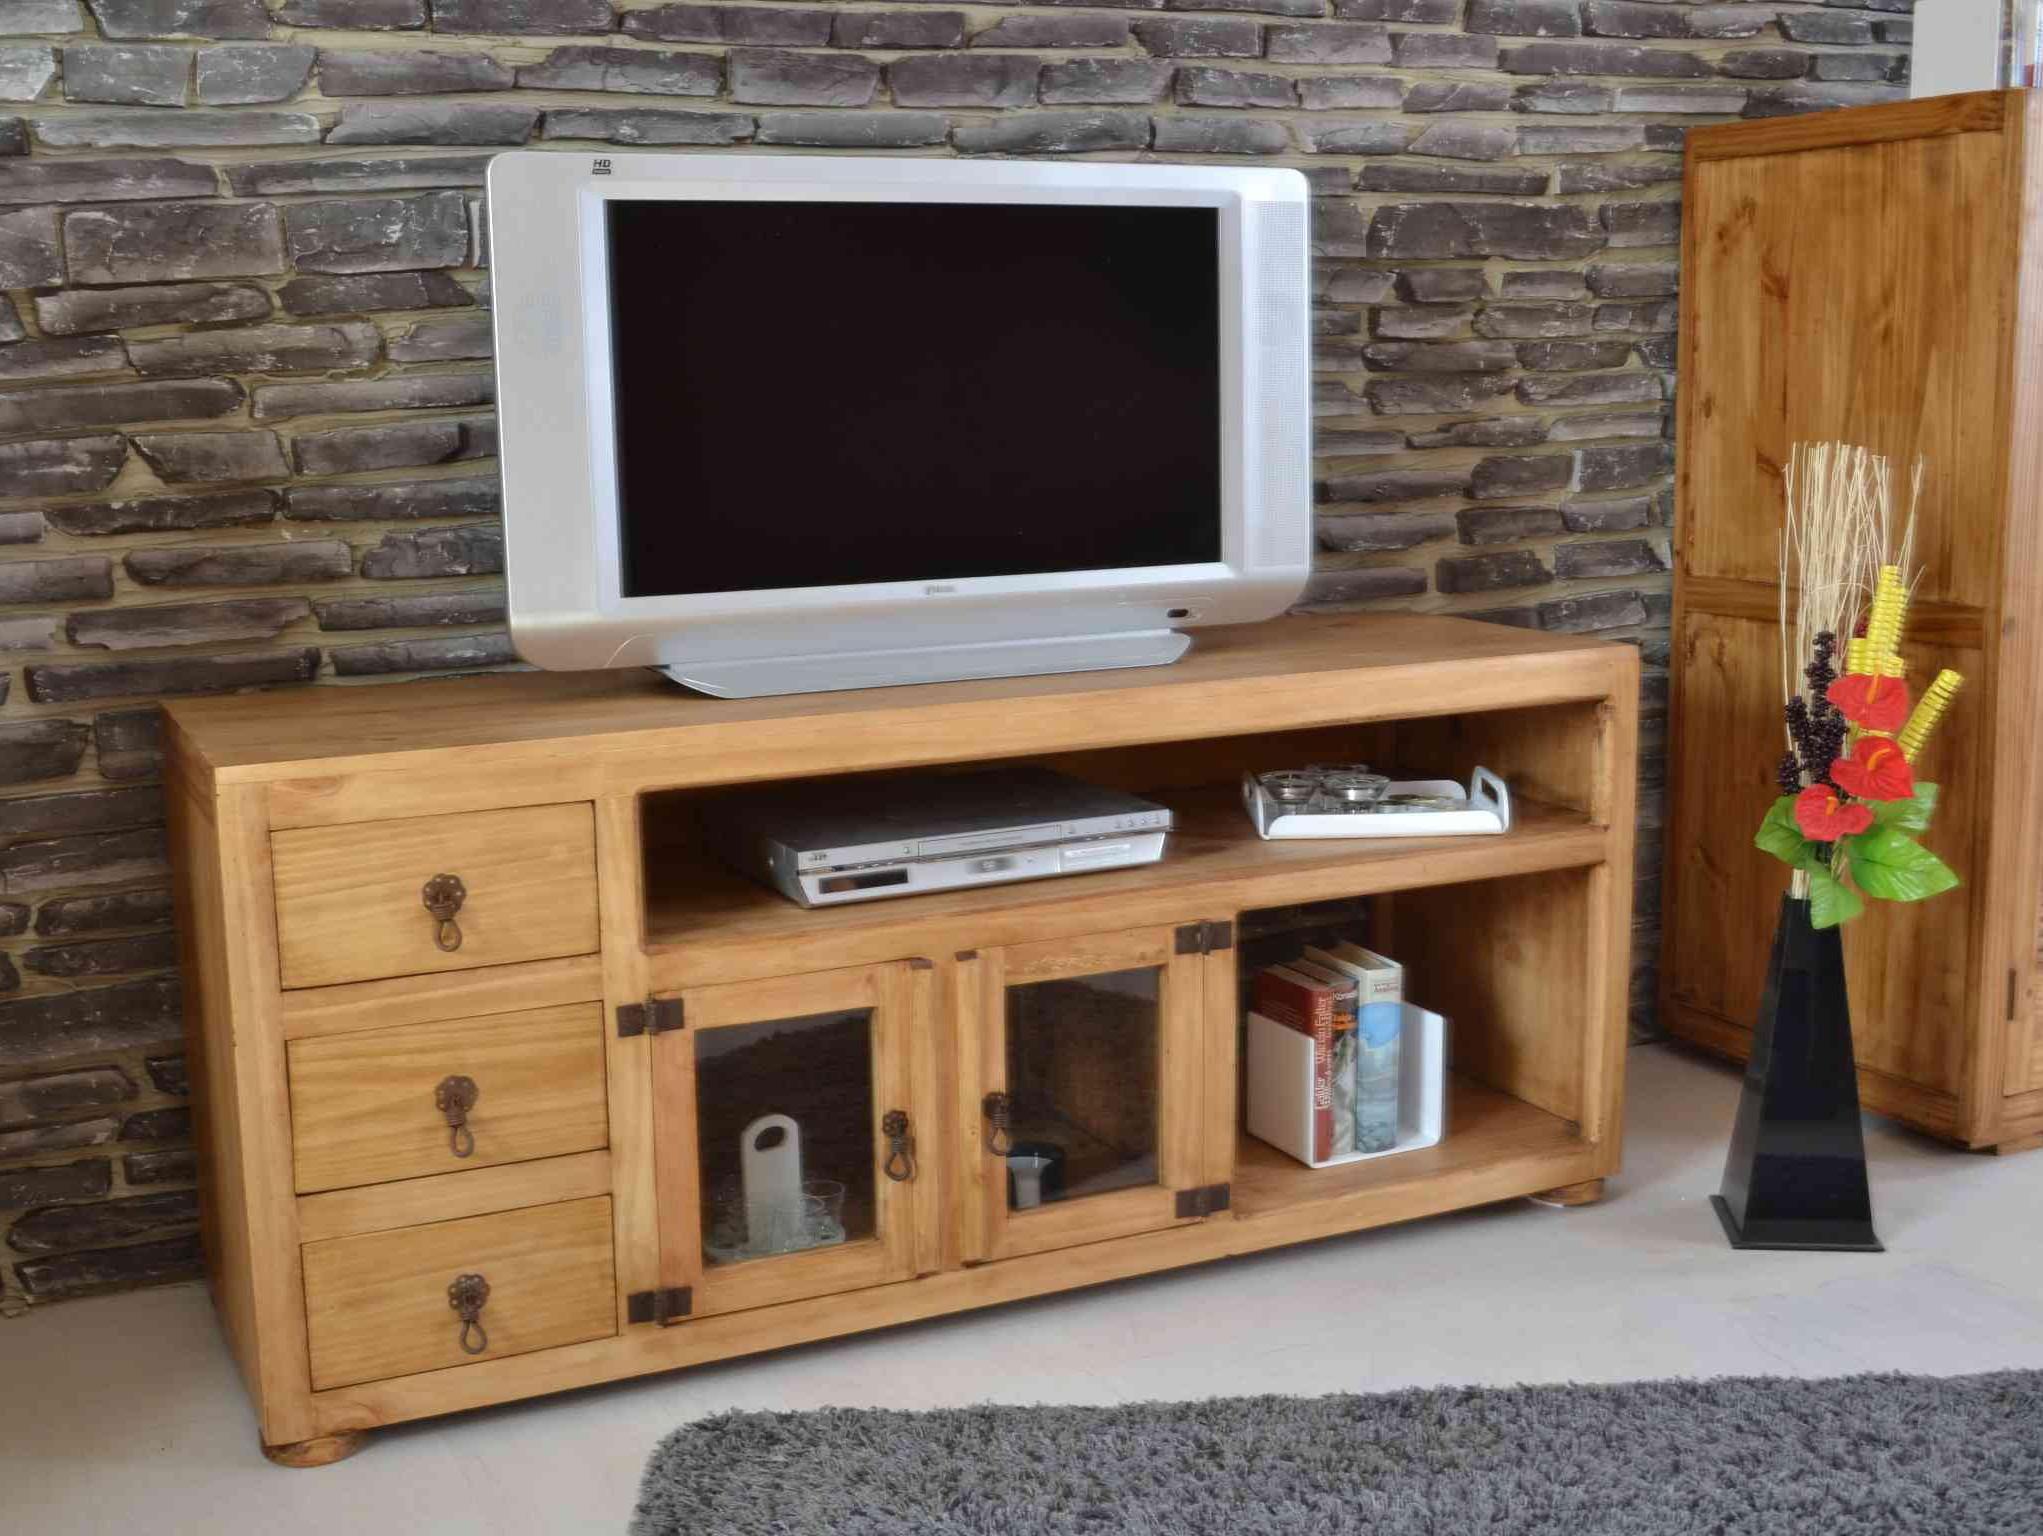 schrank wei landhaus g nstig kaufen. Black Bedroom Furniture Sets. Home Design Ideas